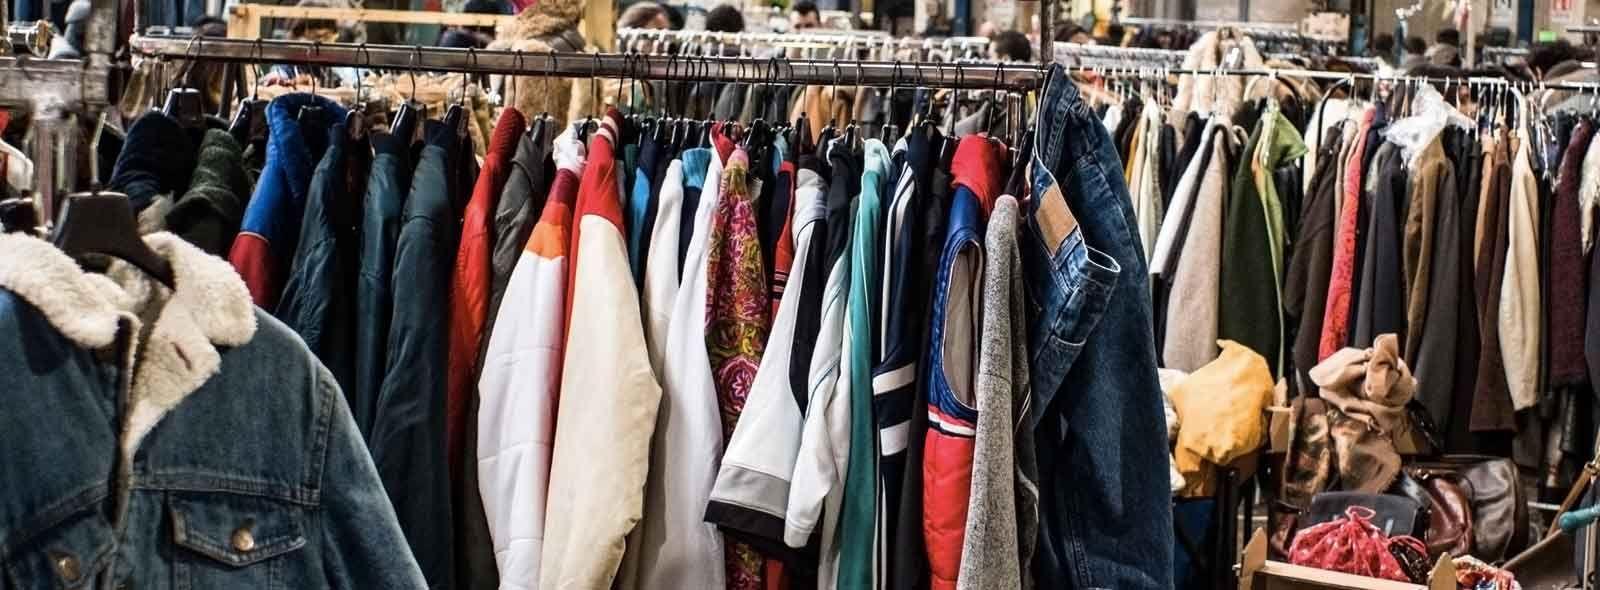 dove vendere vestiti usati milano